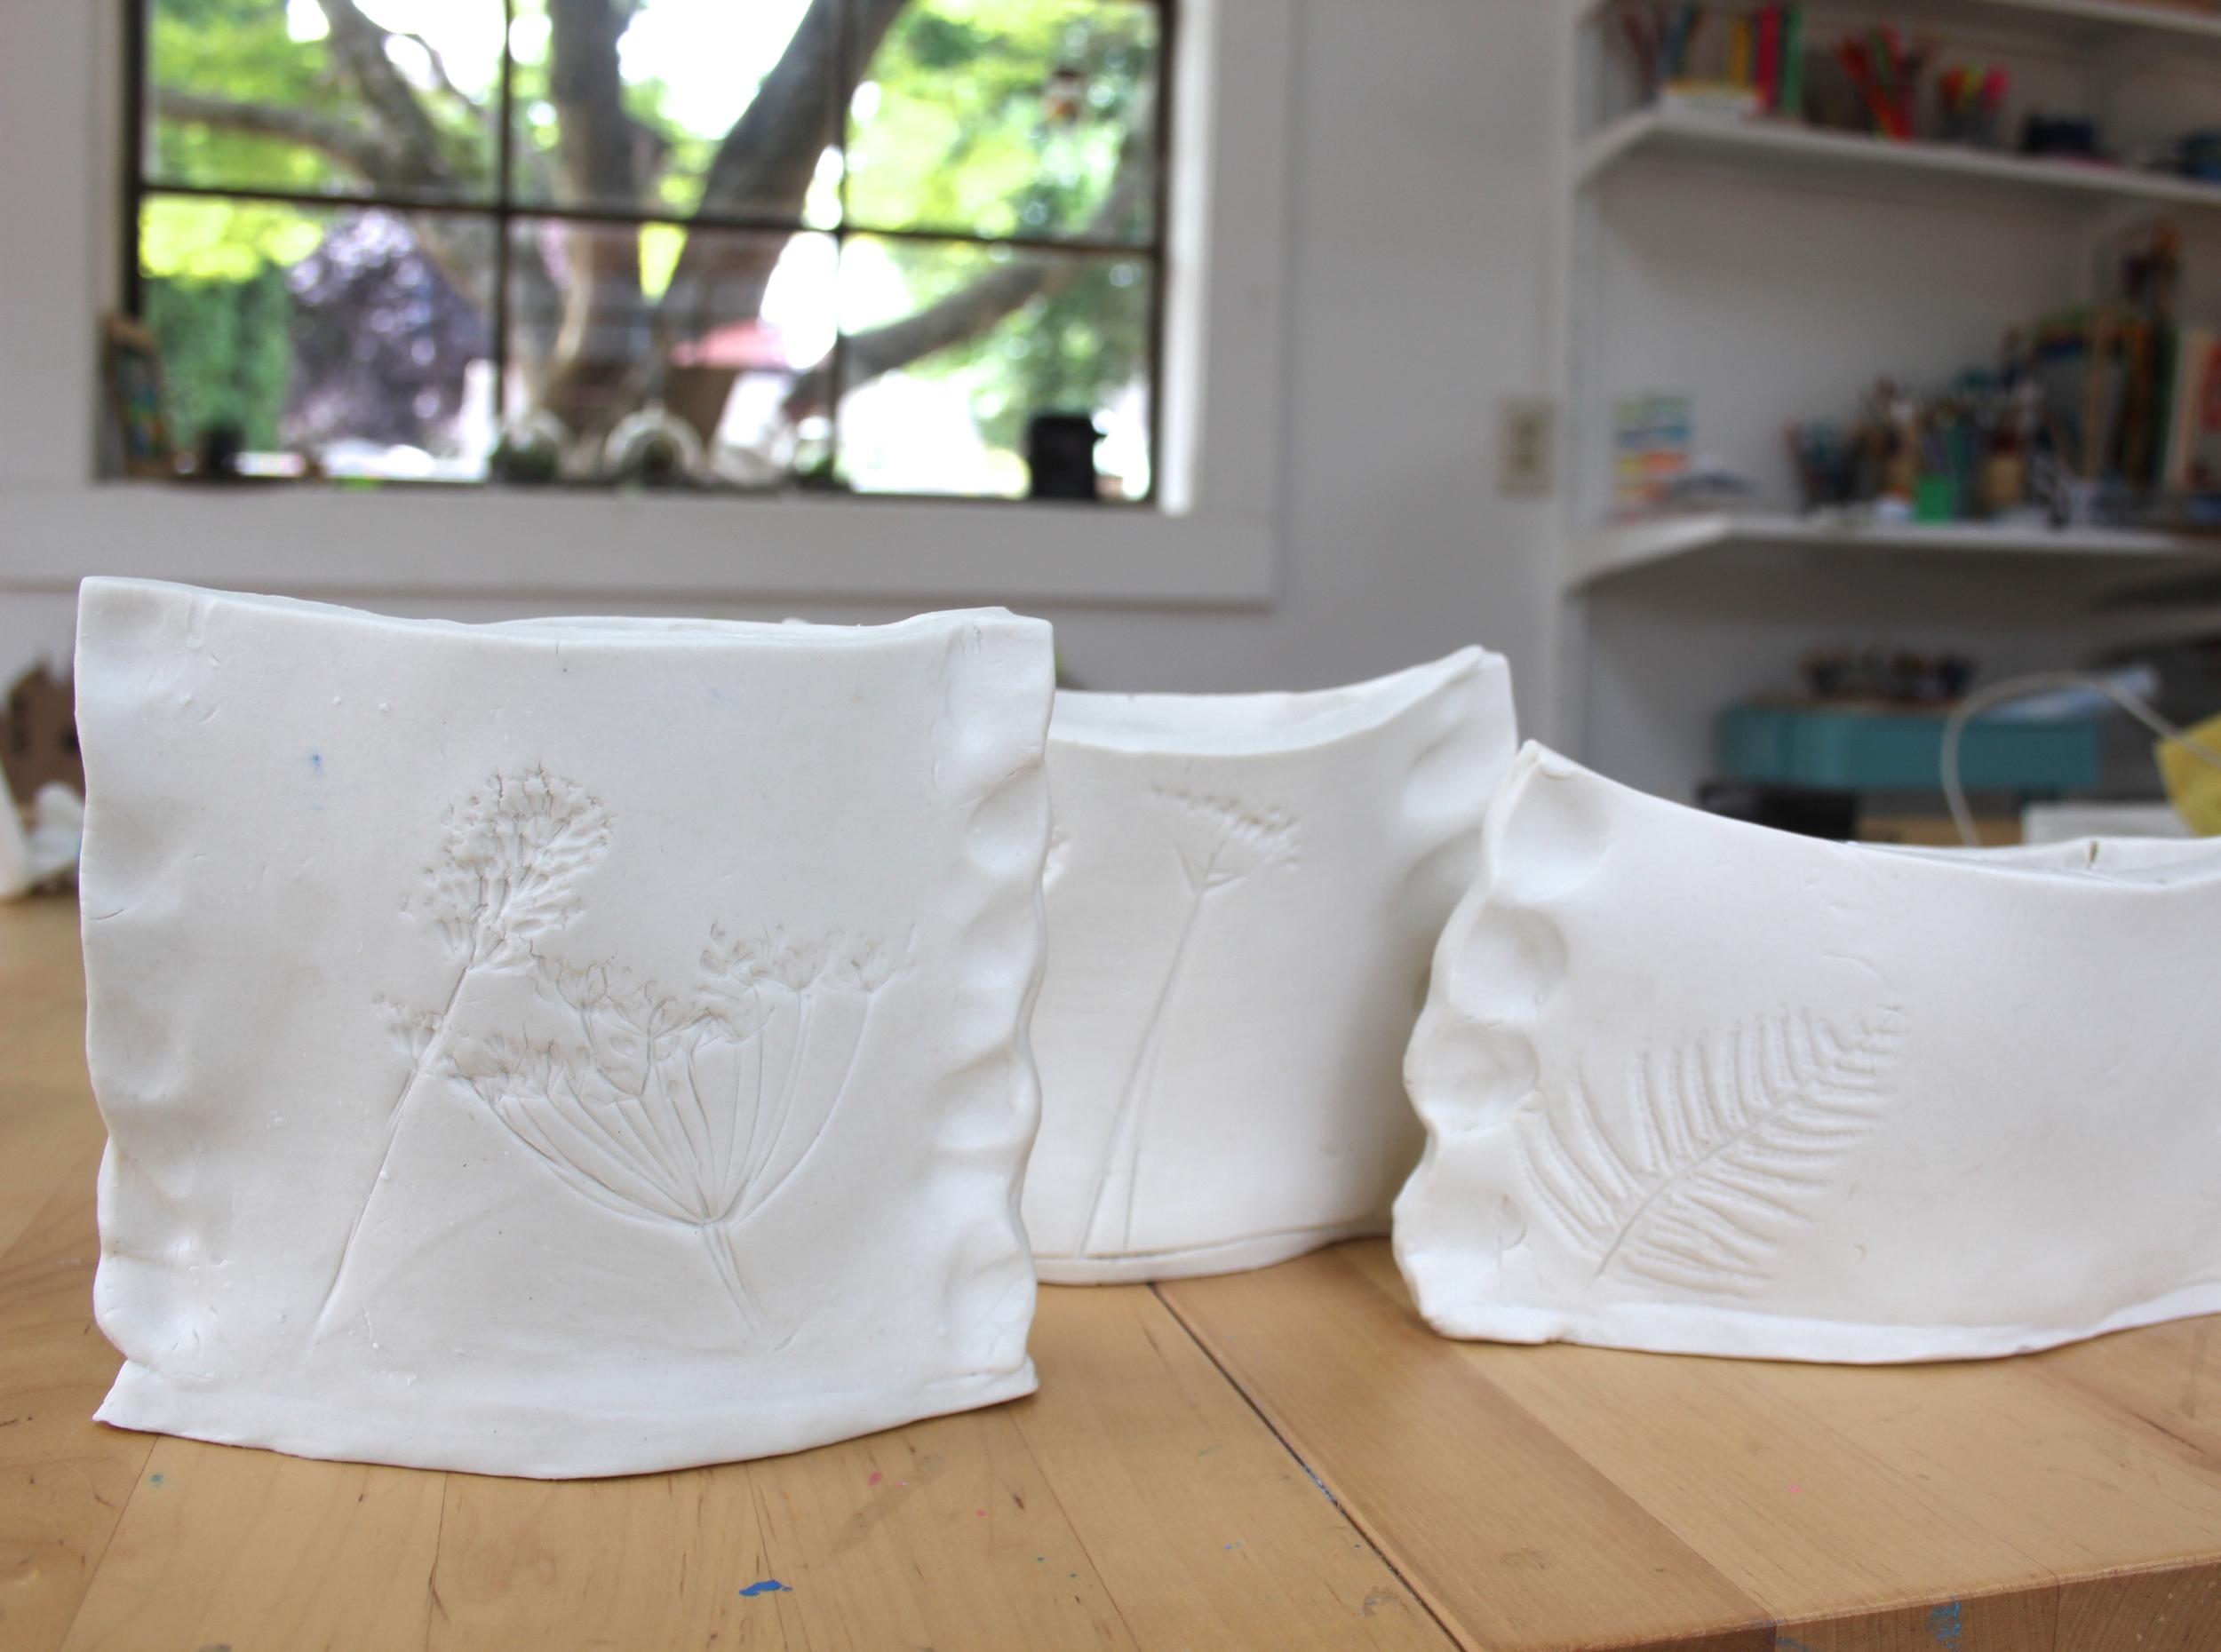 Pressed flower porcelain vases